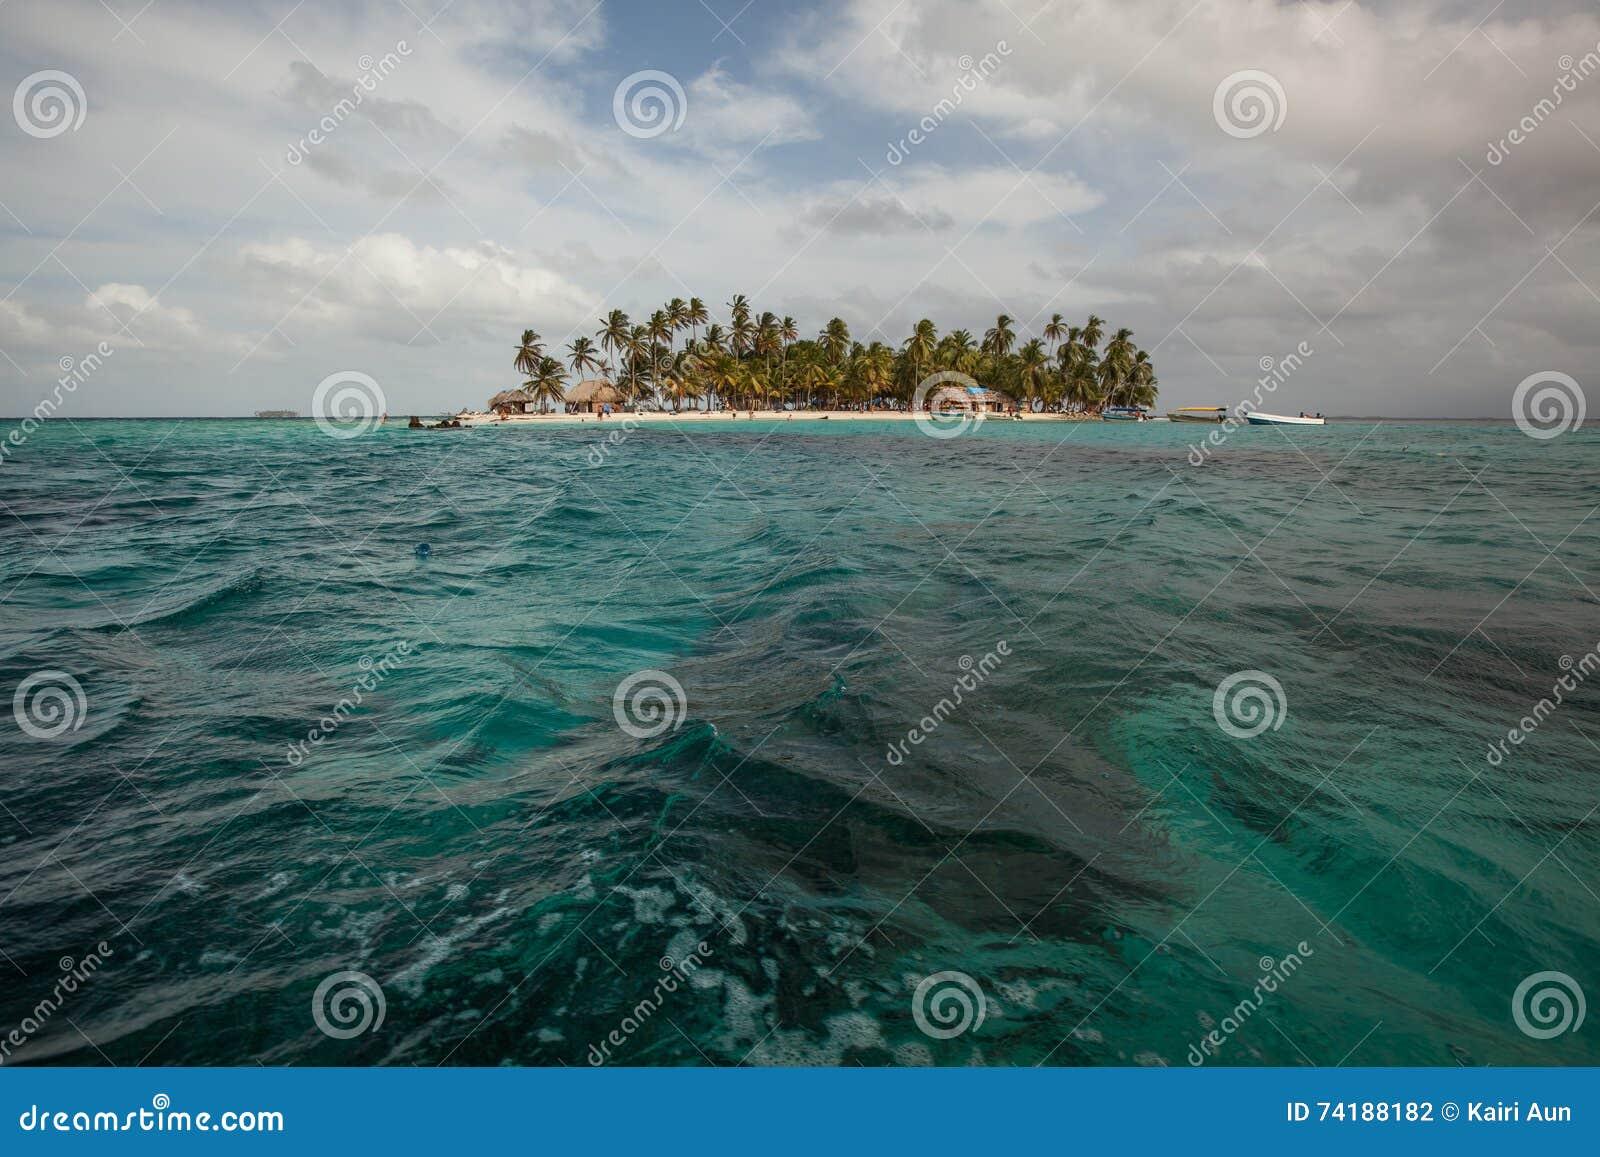 Île de Sunblas au Panama